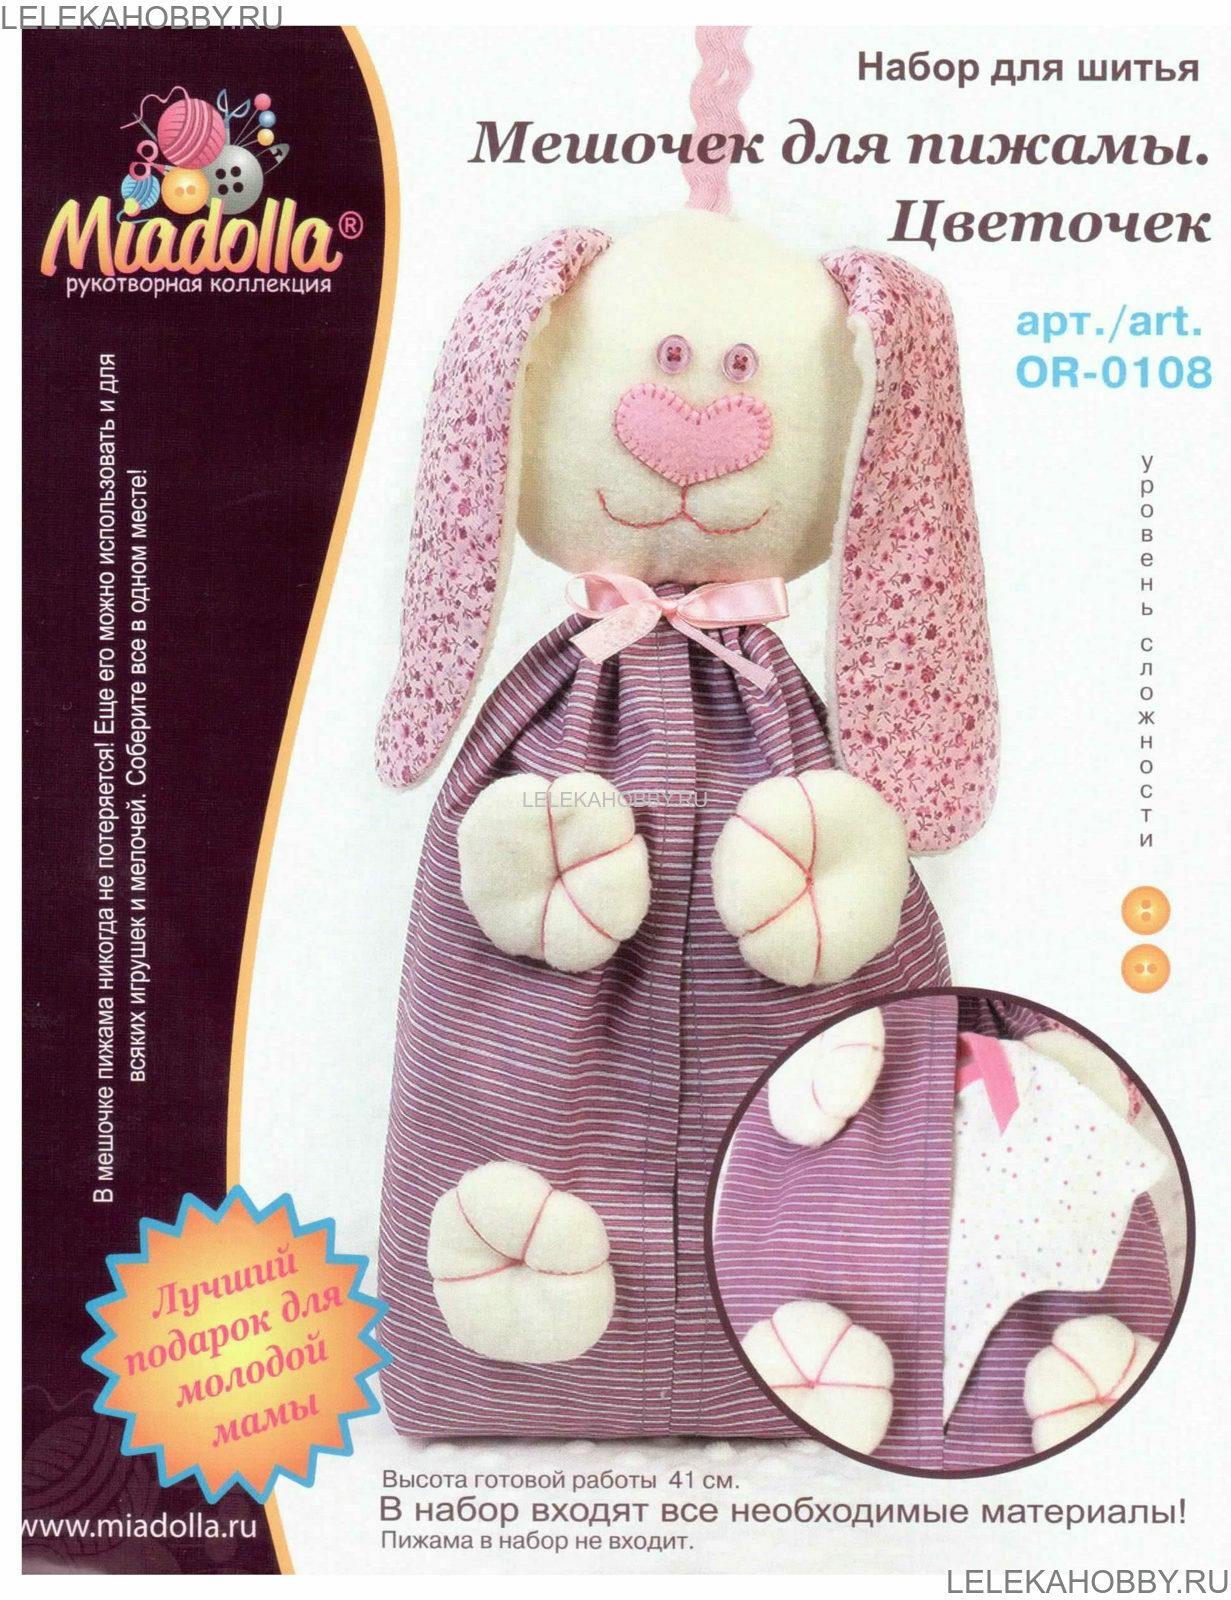 Материал для шитья игрушек